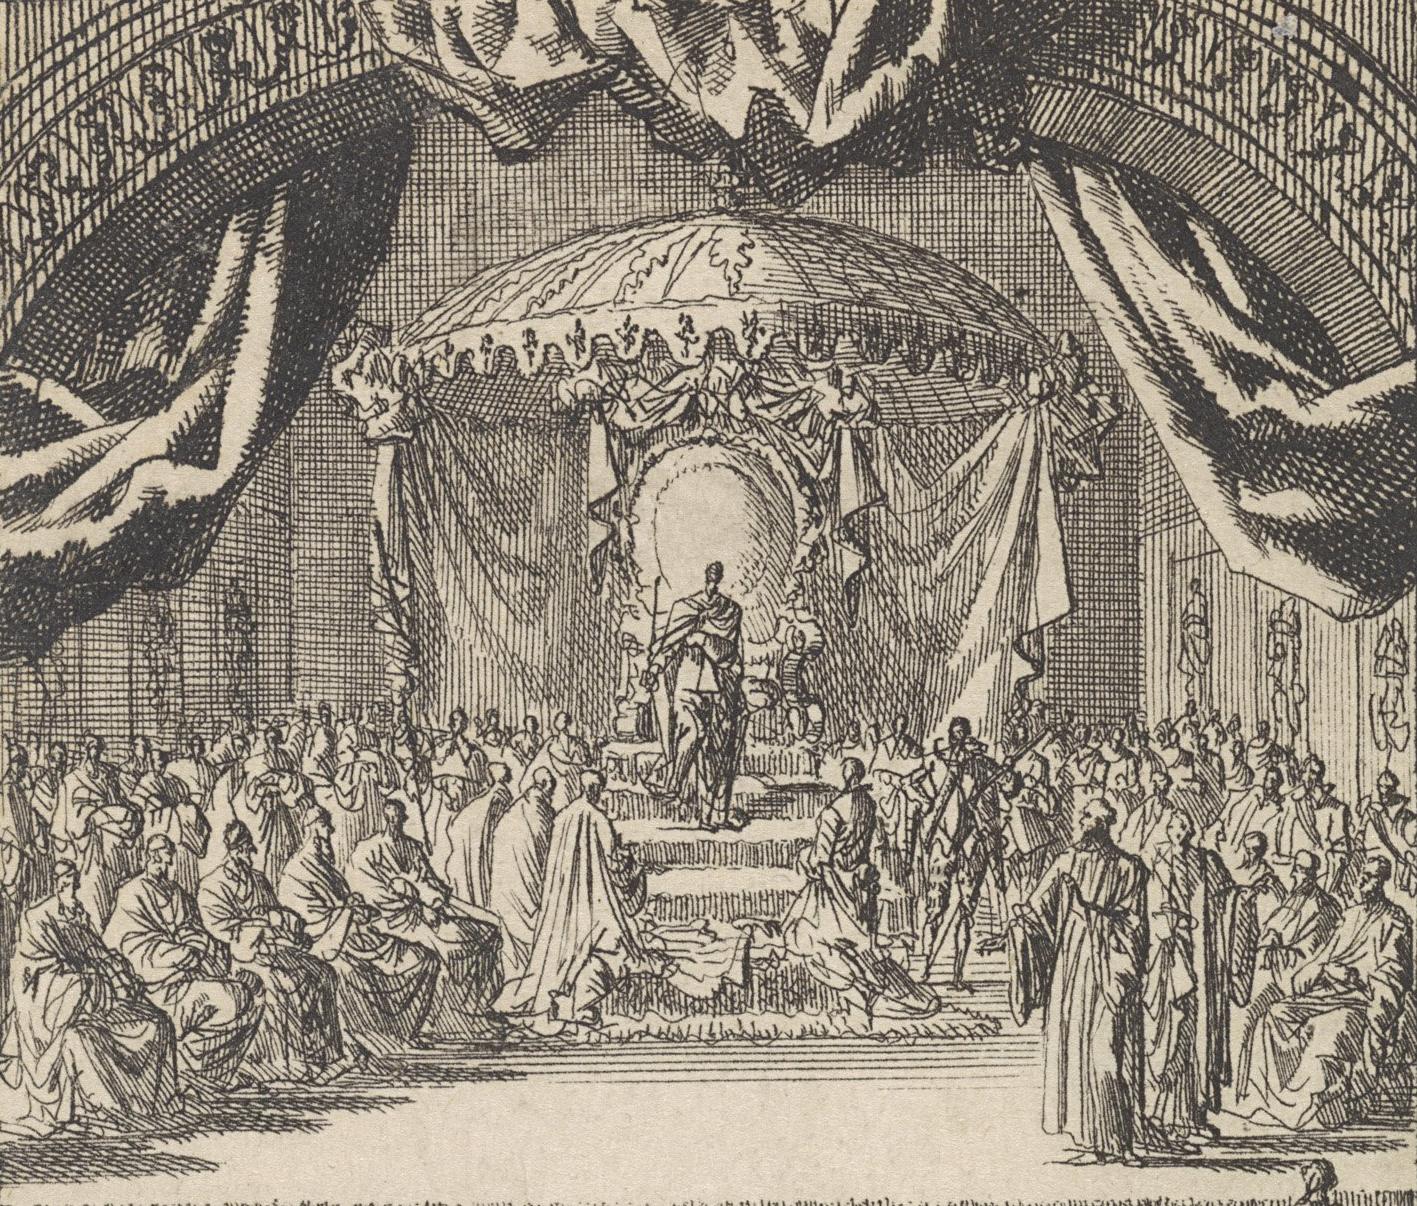 File:Filips II wordt tot koning van Portugal gekroond, 1581 - Jan Luyken (